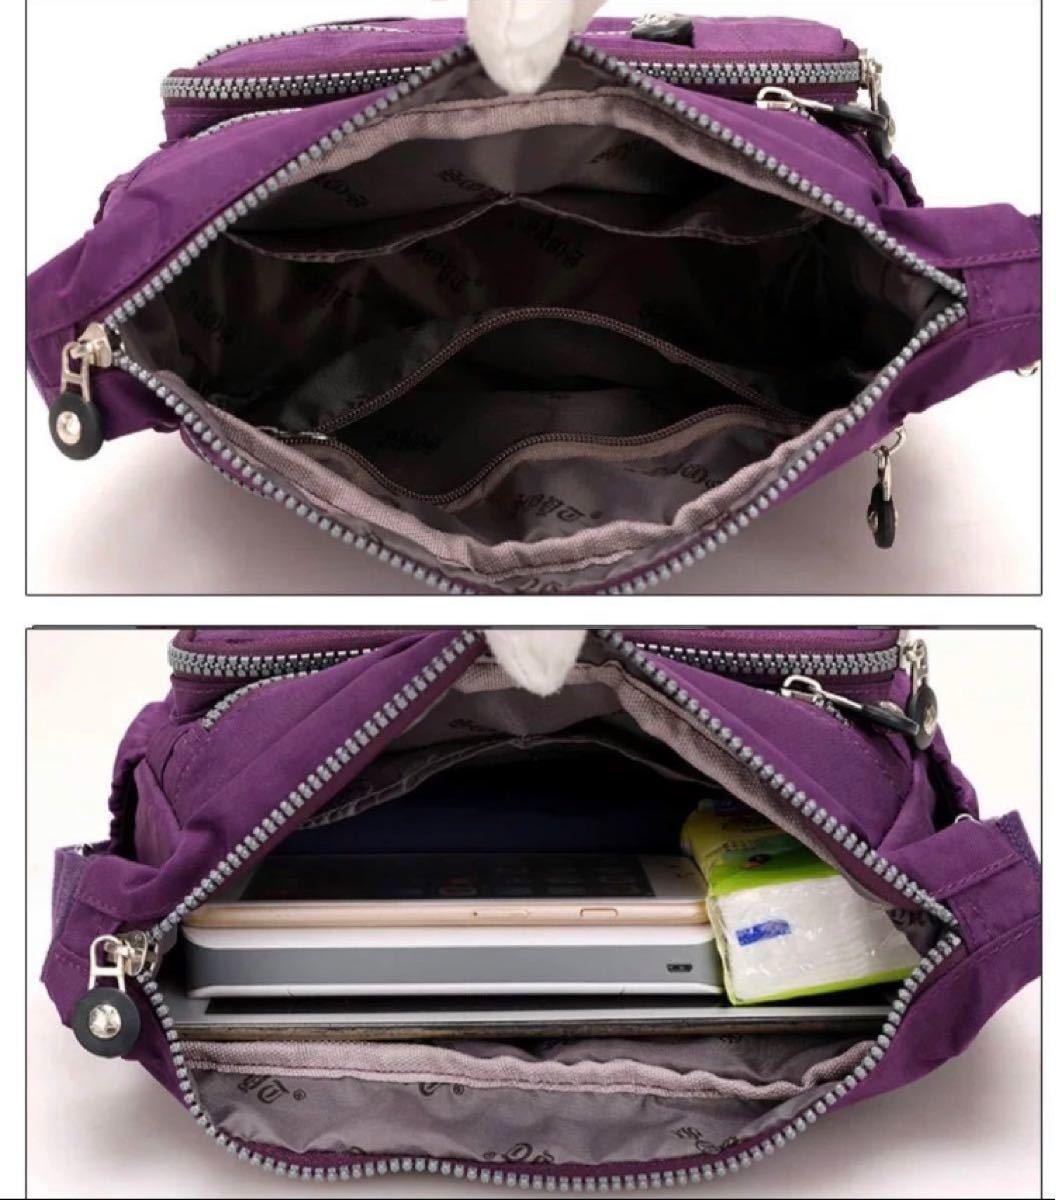 ショルダーバッグ 斜めがけ レディースバッグ ボディーバッグ 赤 軽量 斜めがけバッグ 肩掛け アウトドア iPad 防水